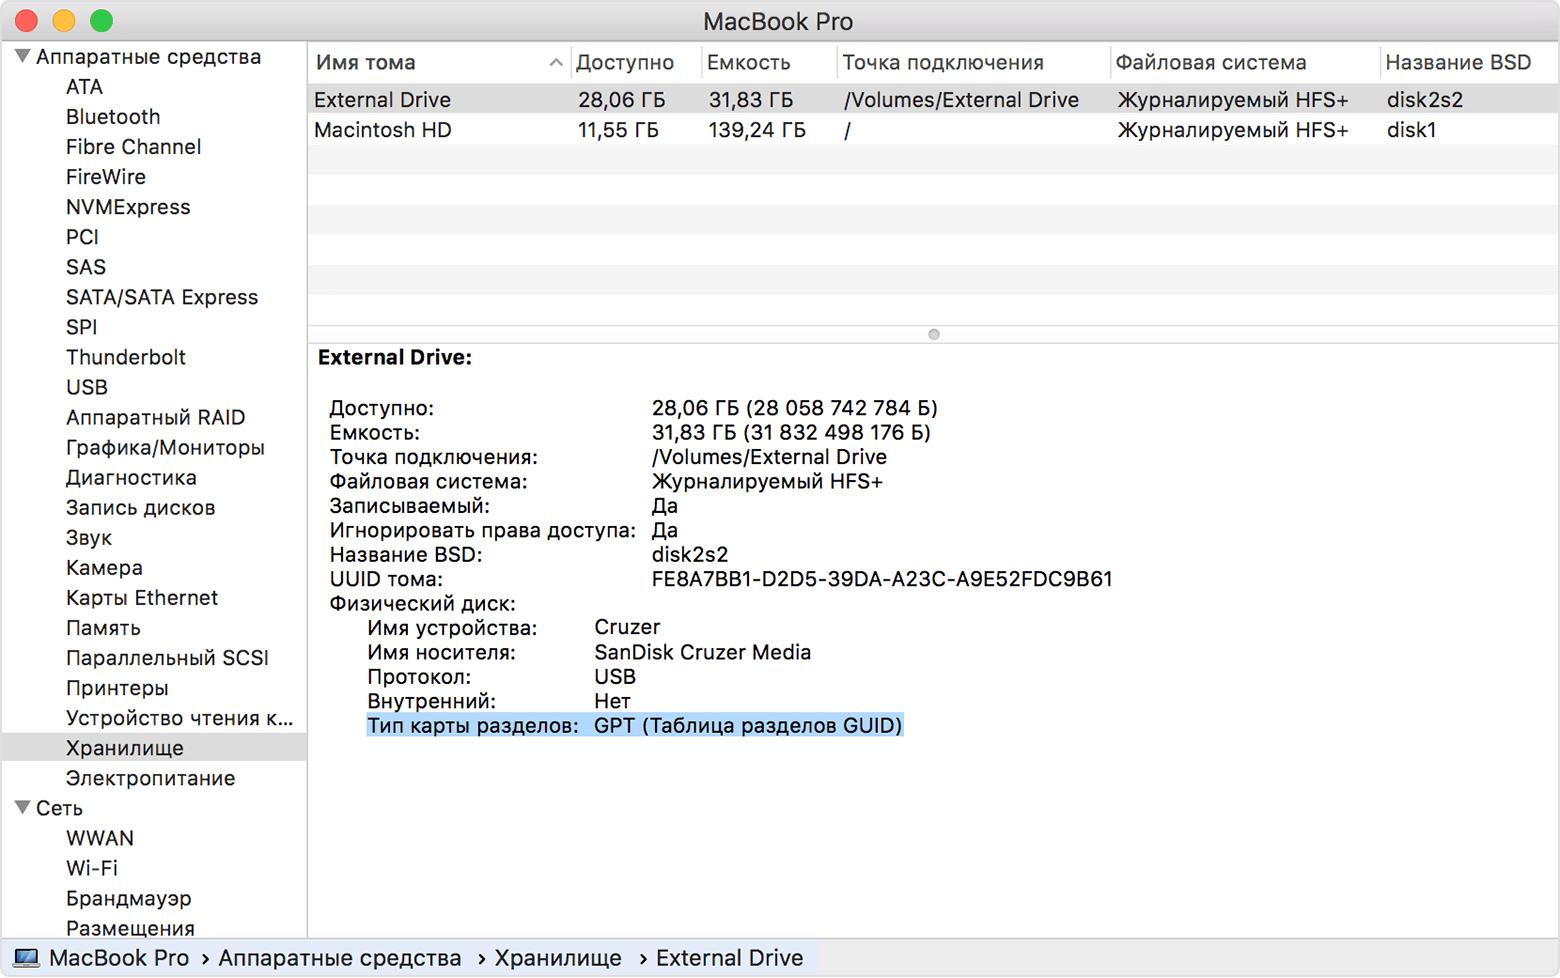 инструкции по использованию горячих клавиш на macbook air